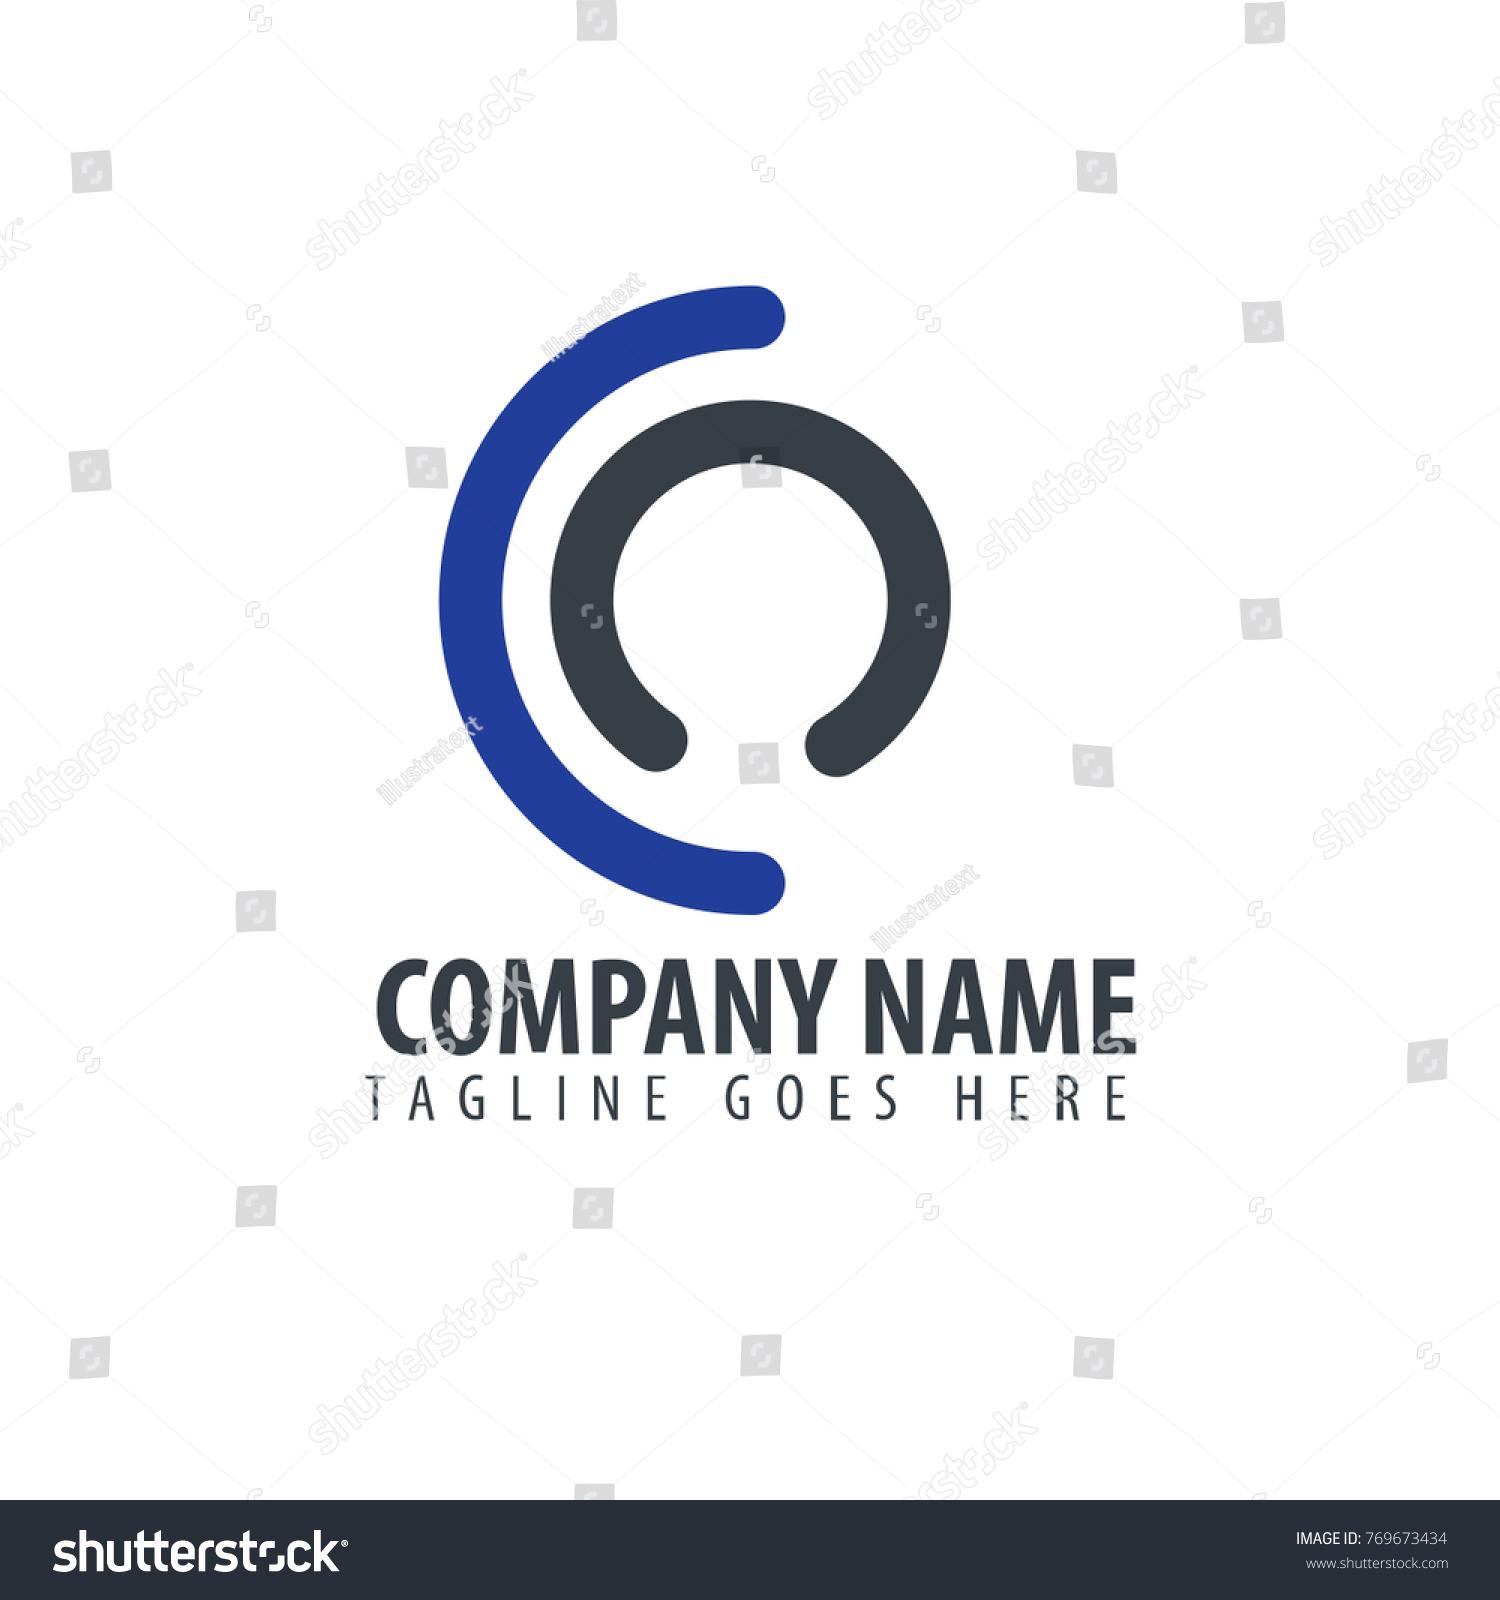 Free vector logos  company and brand  logotypes101com